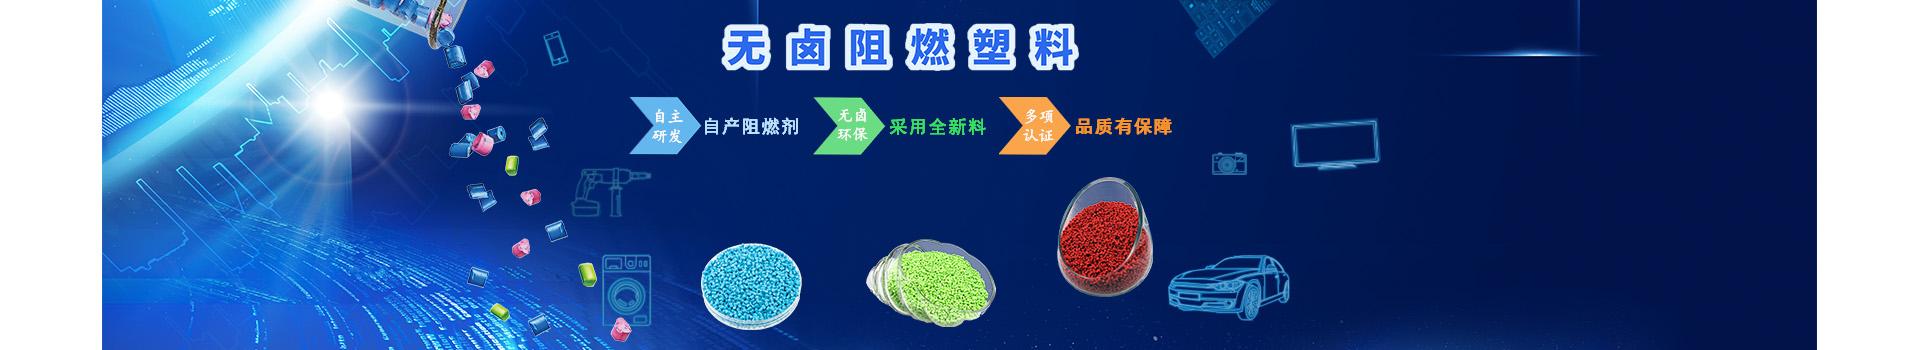 聚石化学-新闻资讯栏目banner